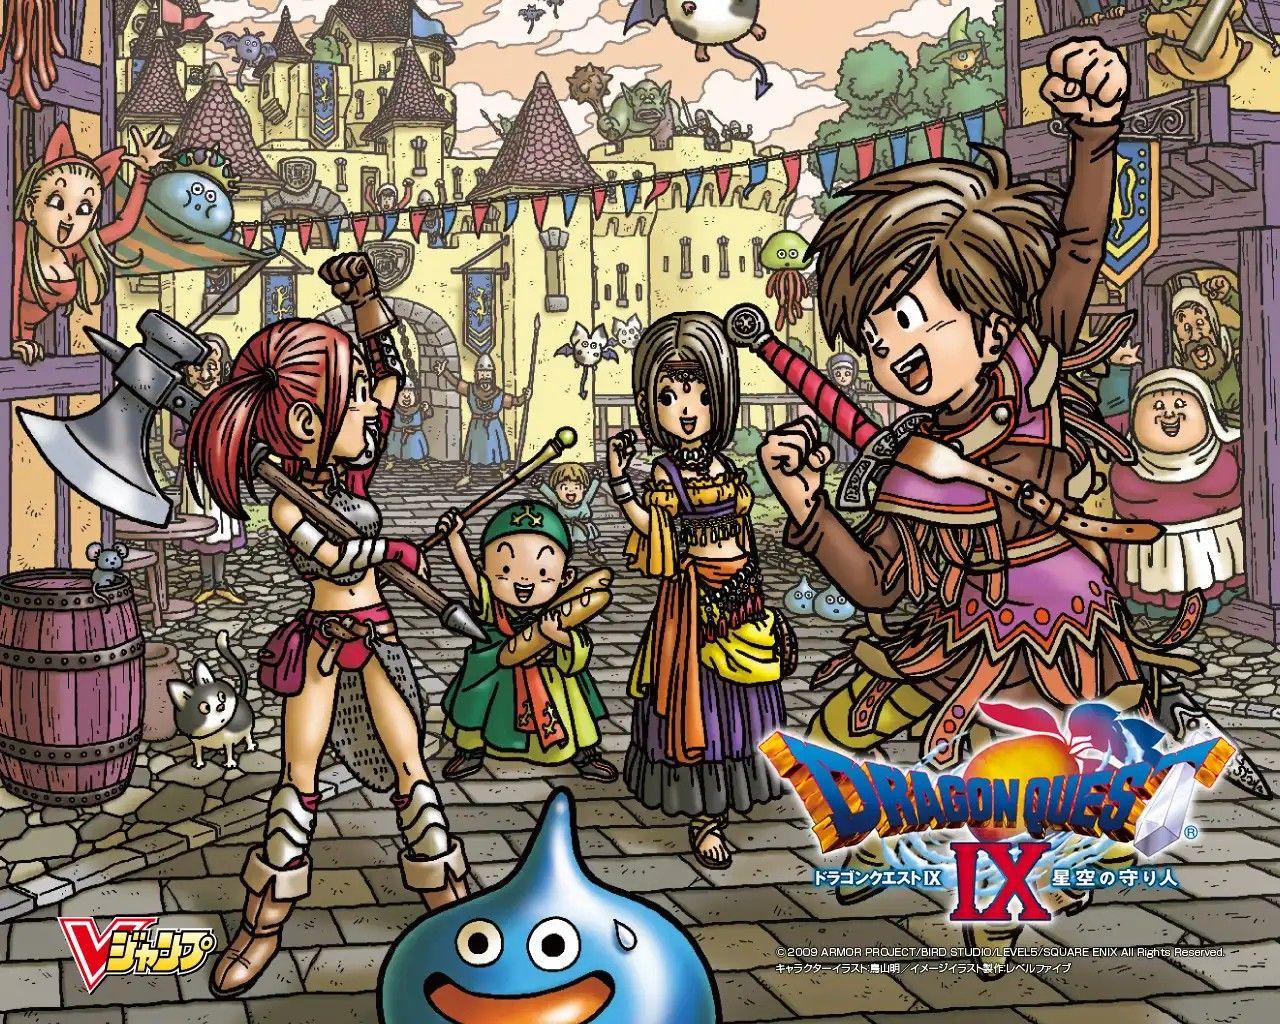 Dragon Quest 9 Wallpaper Dragonquest Dragon Quest Warriors Wallpaper Dragon Warrior